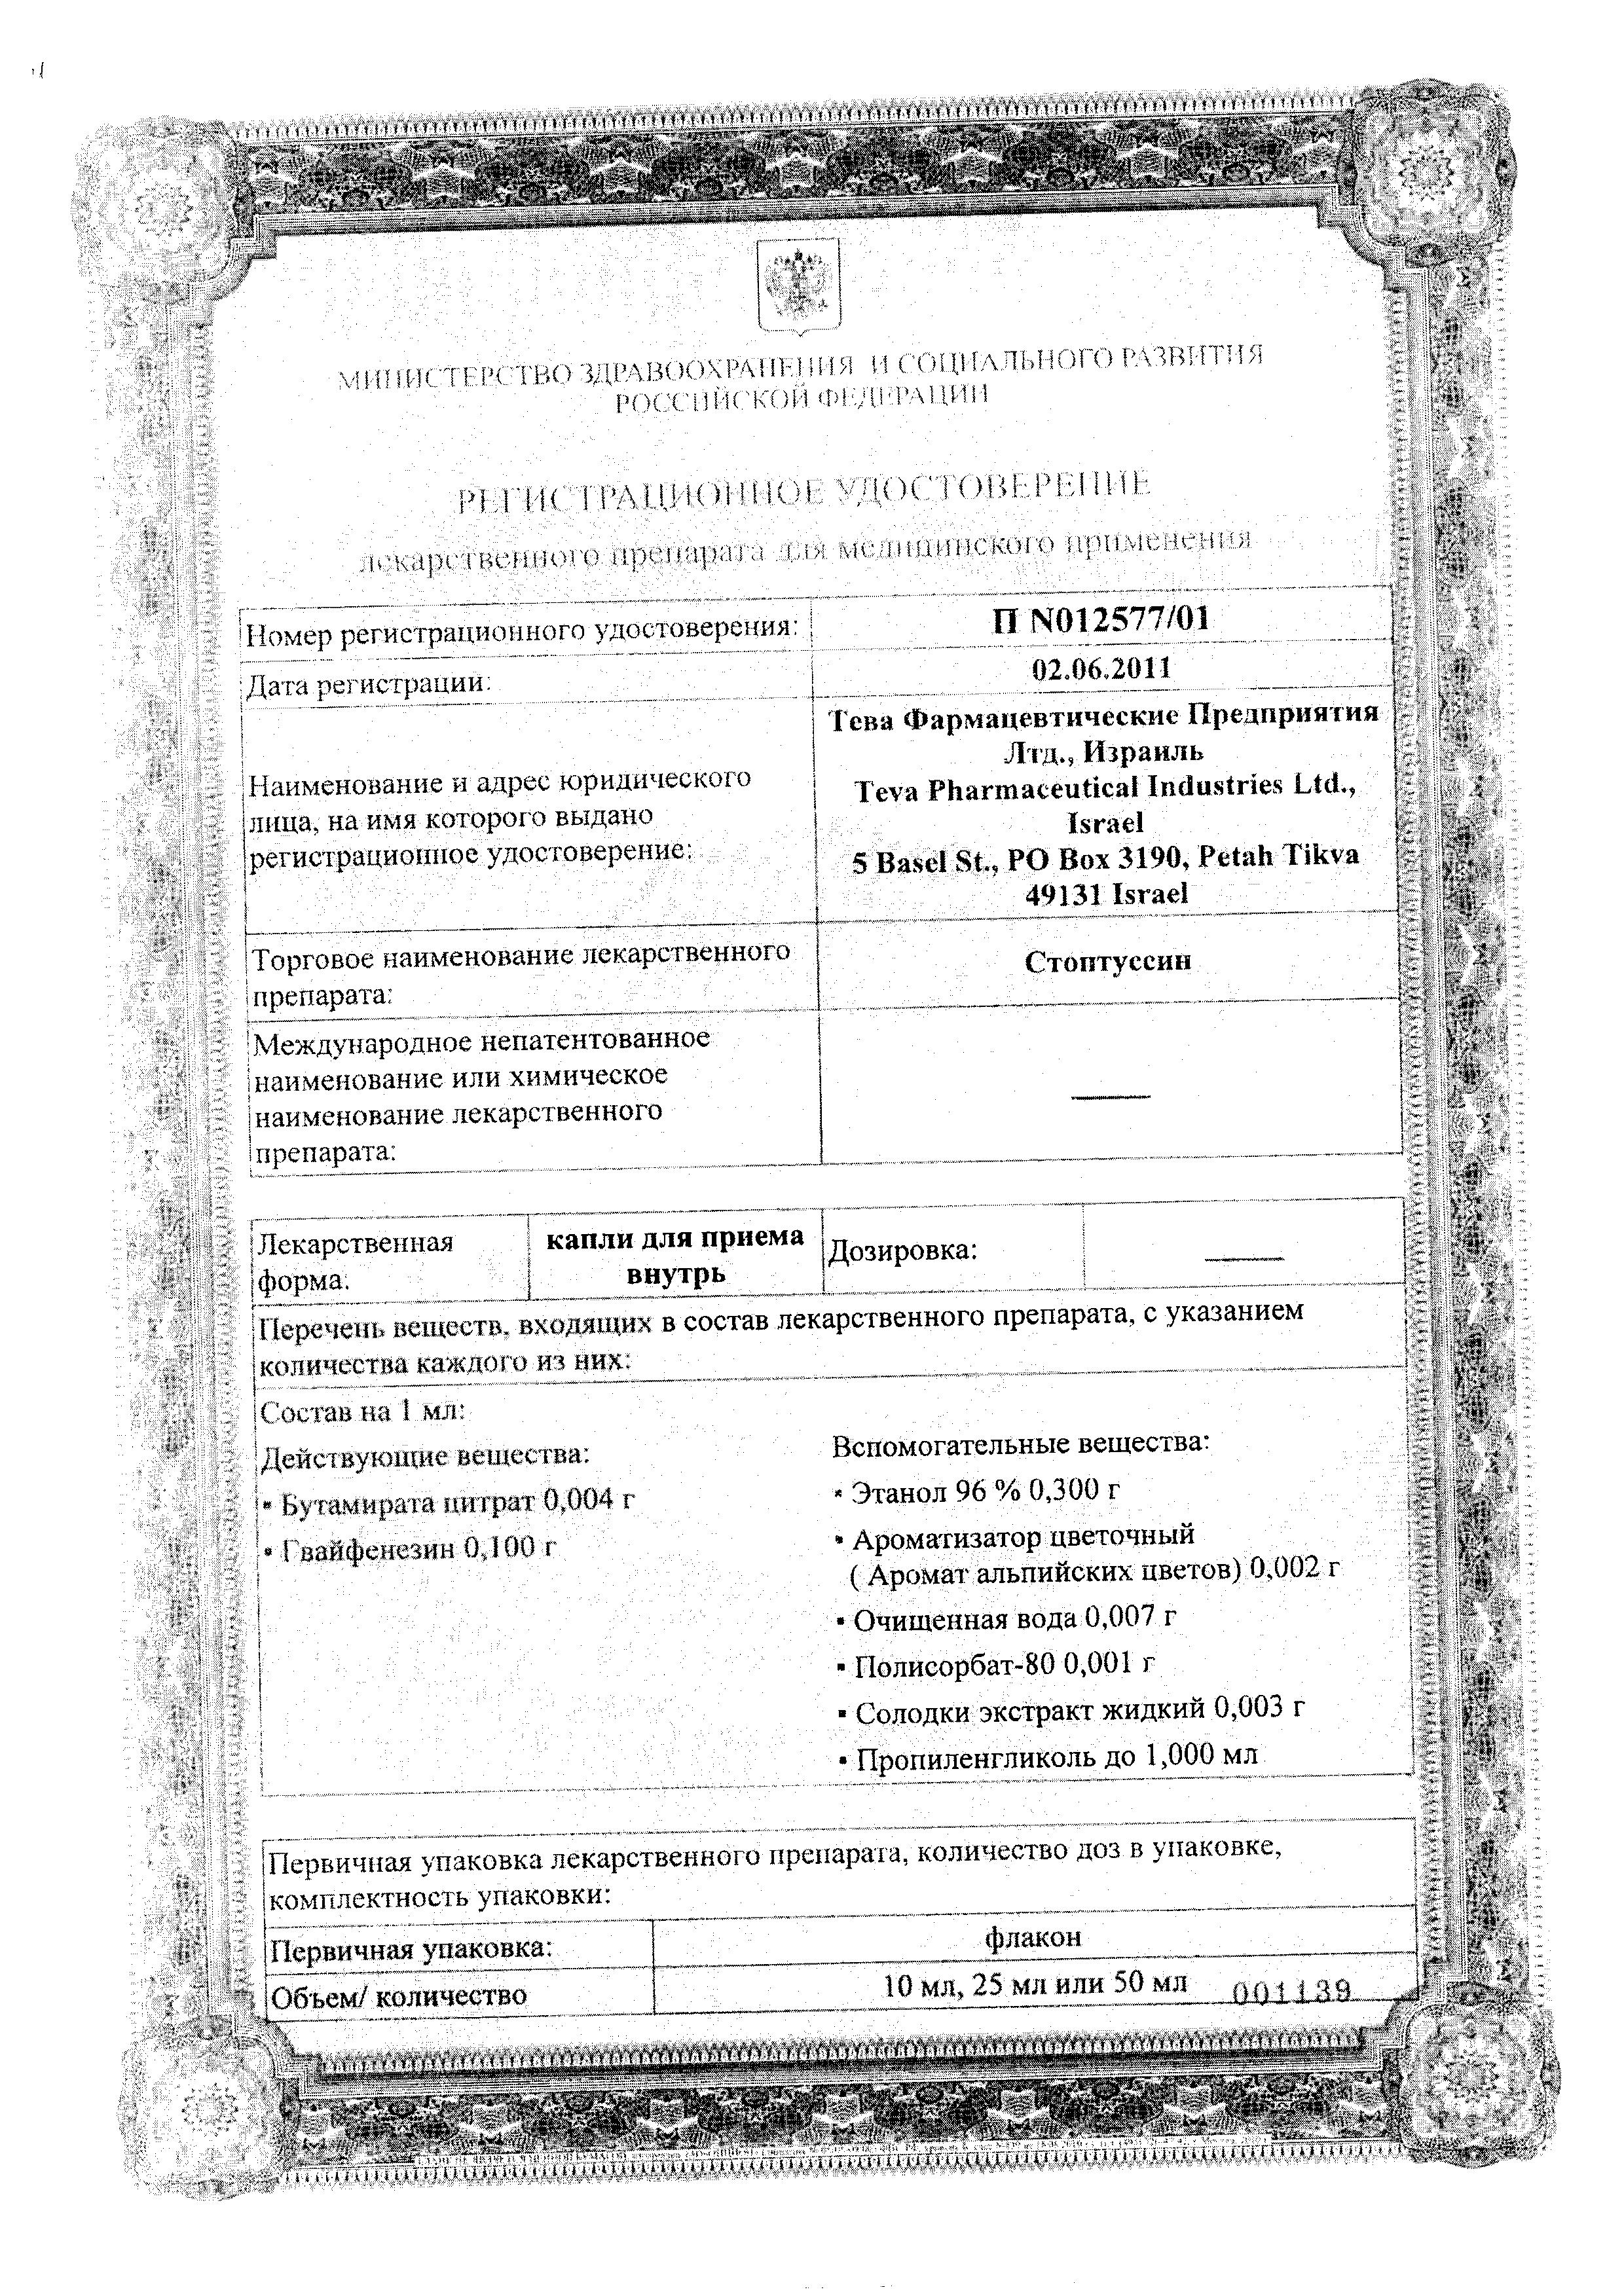 Стоптуссин сертификат